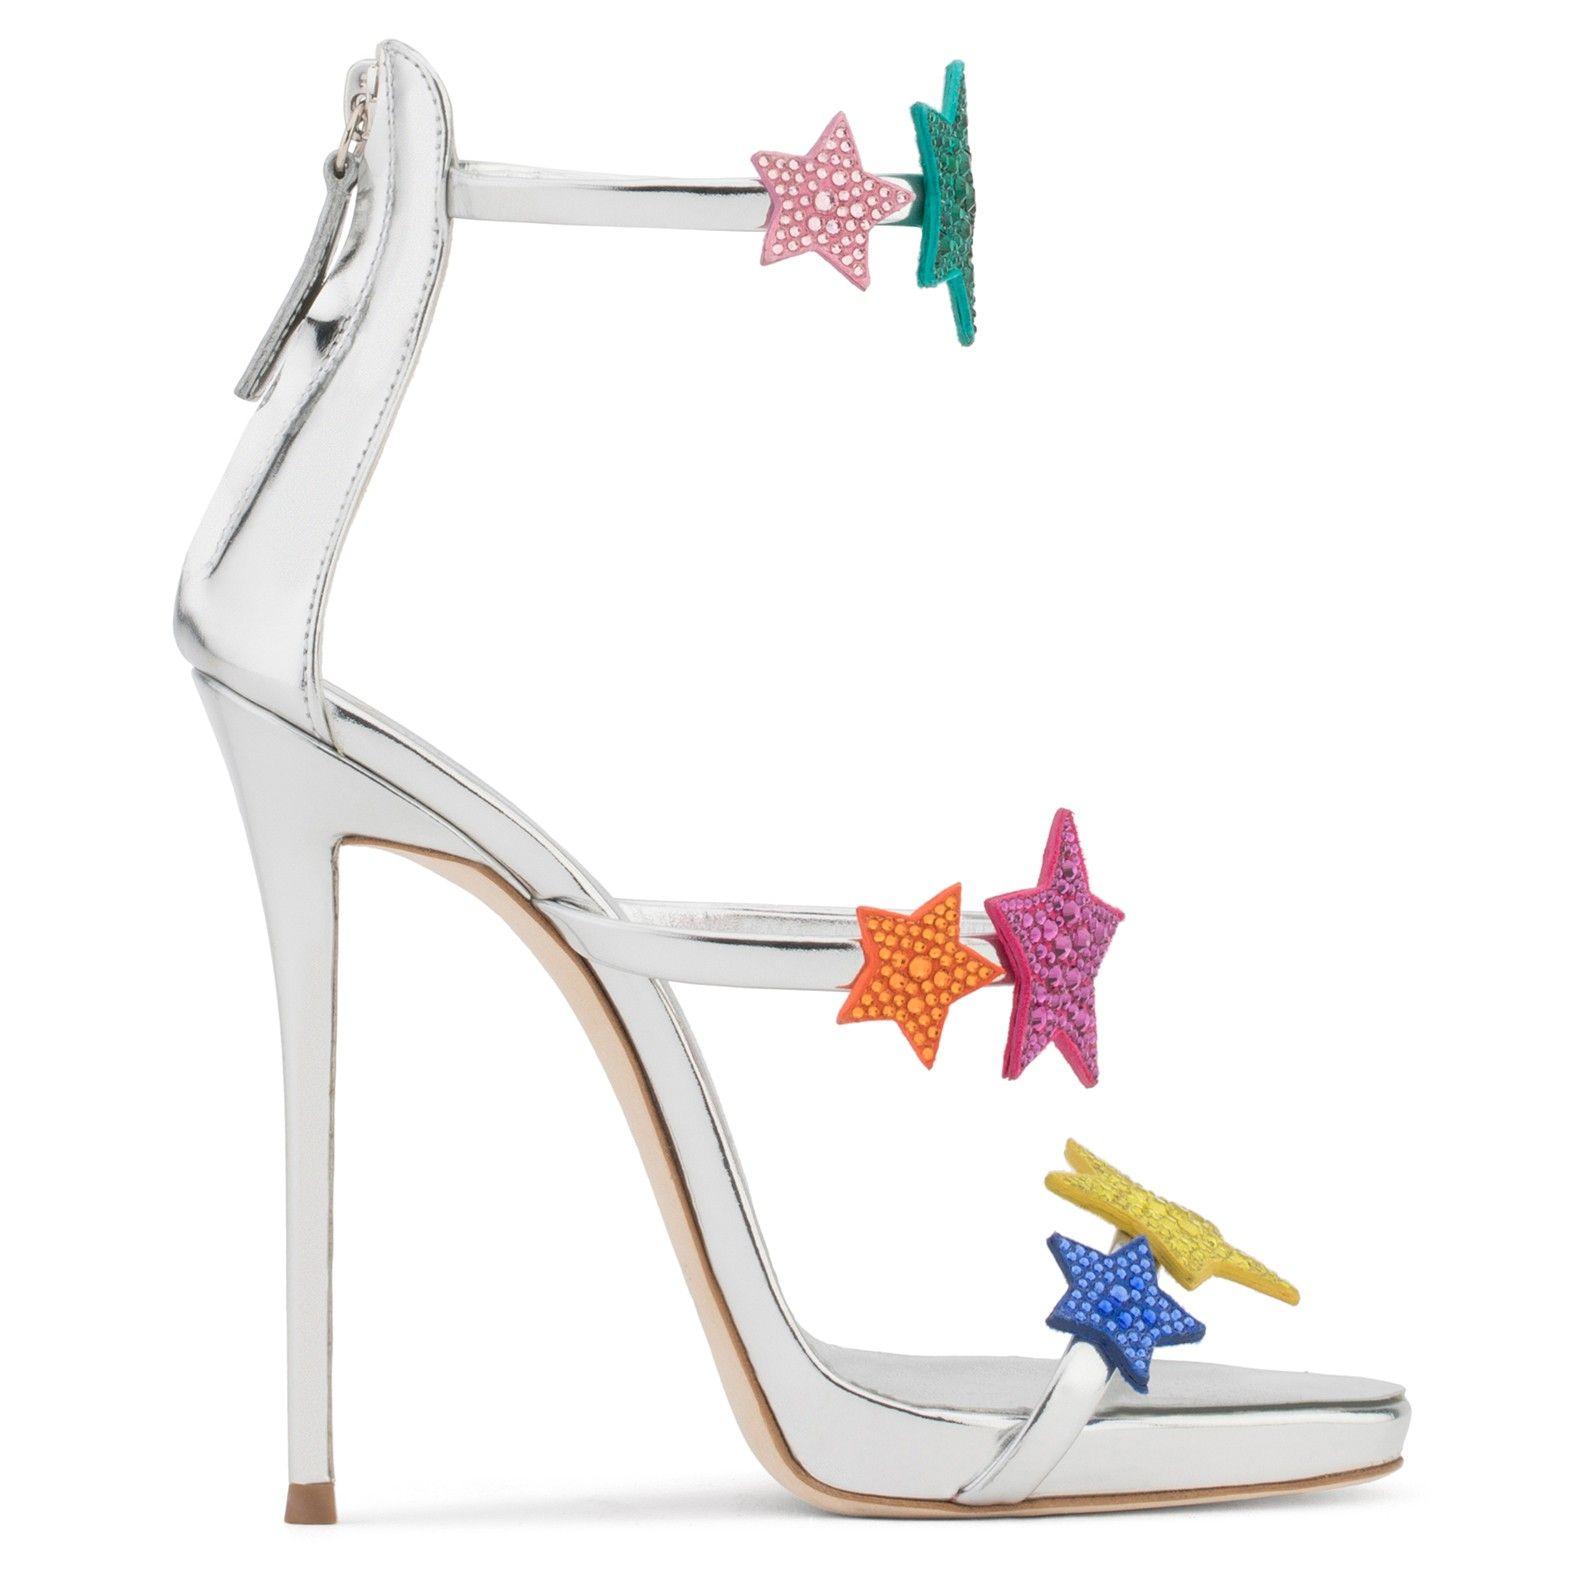 Harmony Star Giuseppe Zanotti Heels Giuseppe Zanotti Shoes Heels